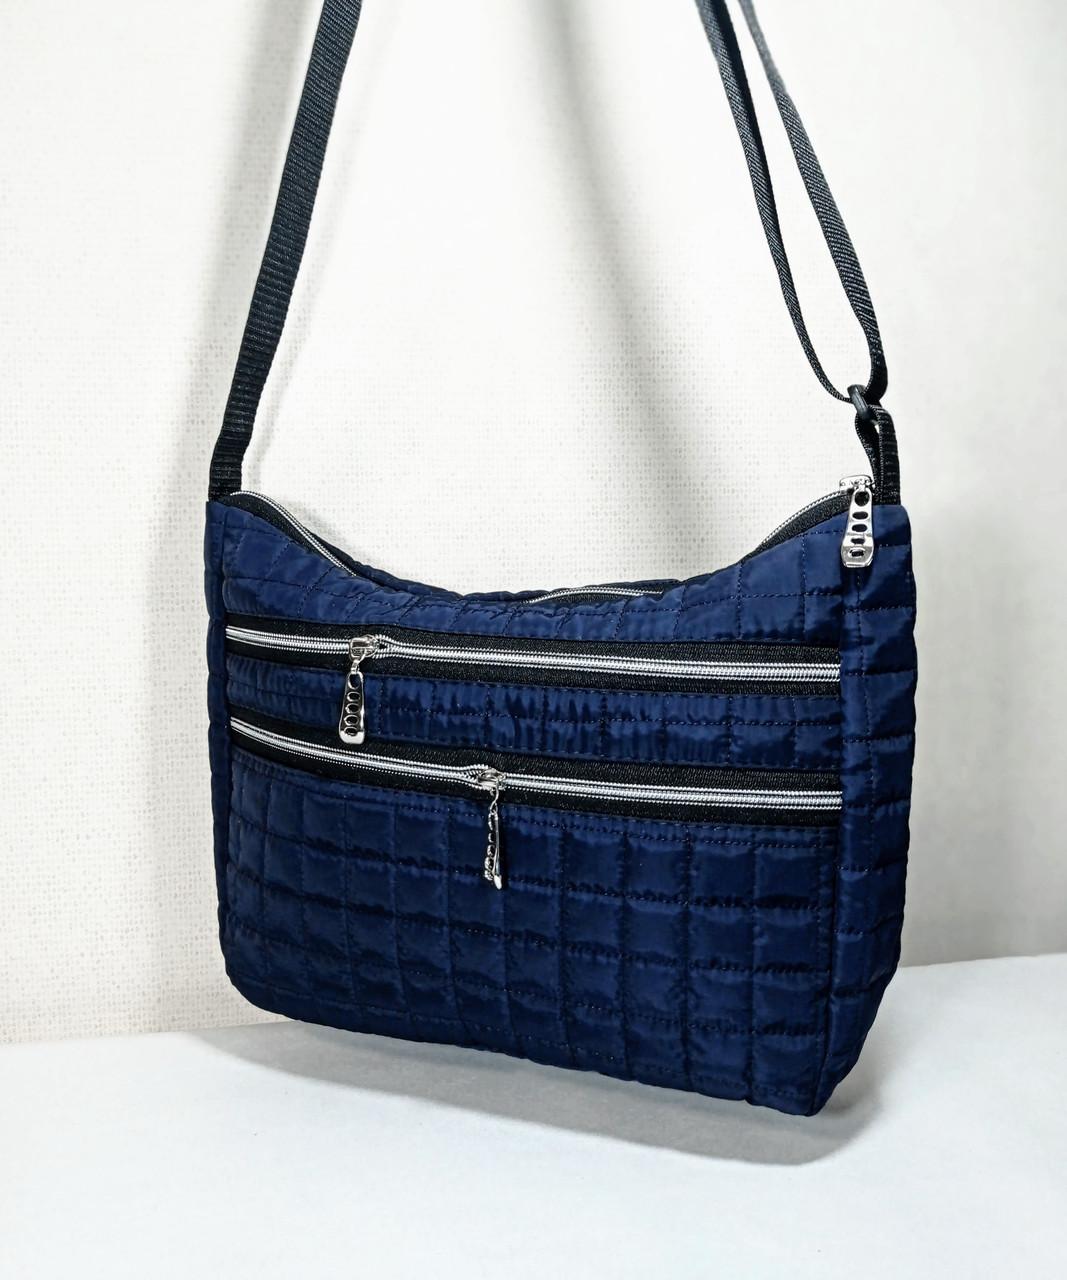 Жіноча Стьобана дута сумка, синя з білими блискавками і написами на ремінці